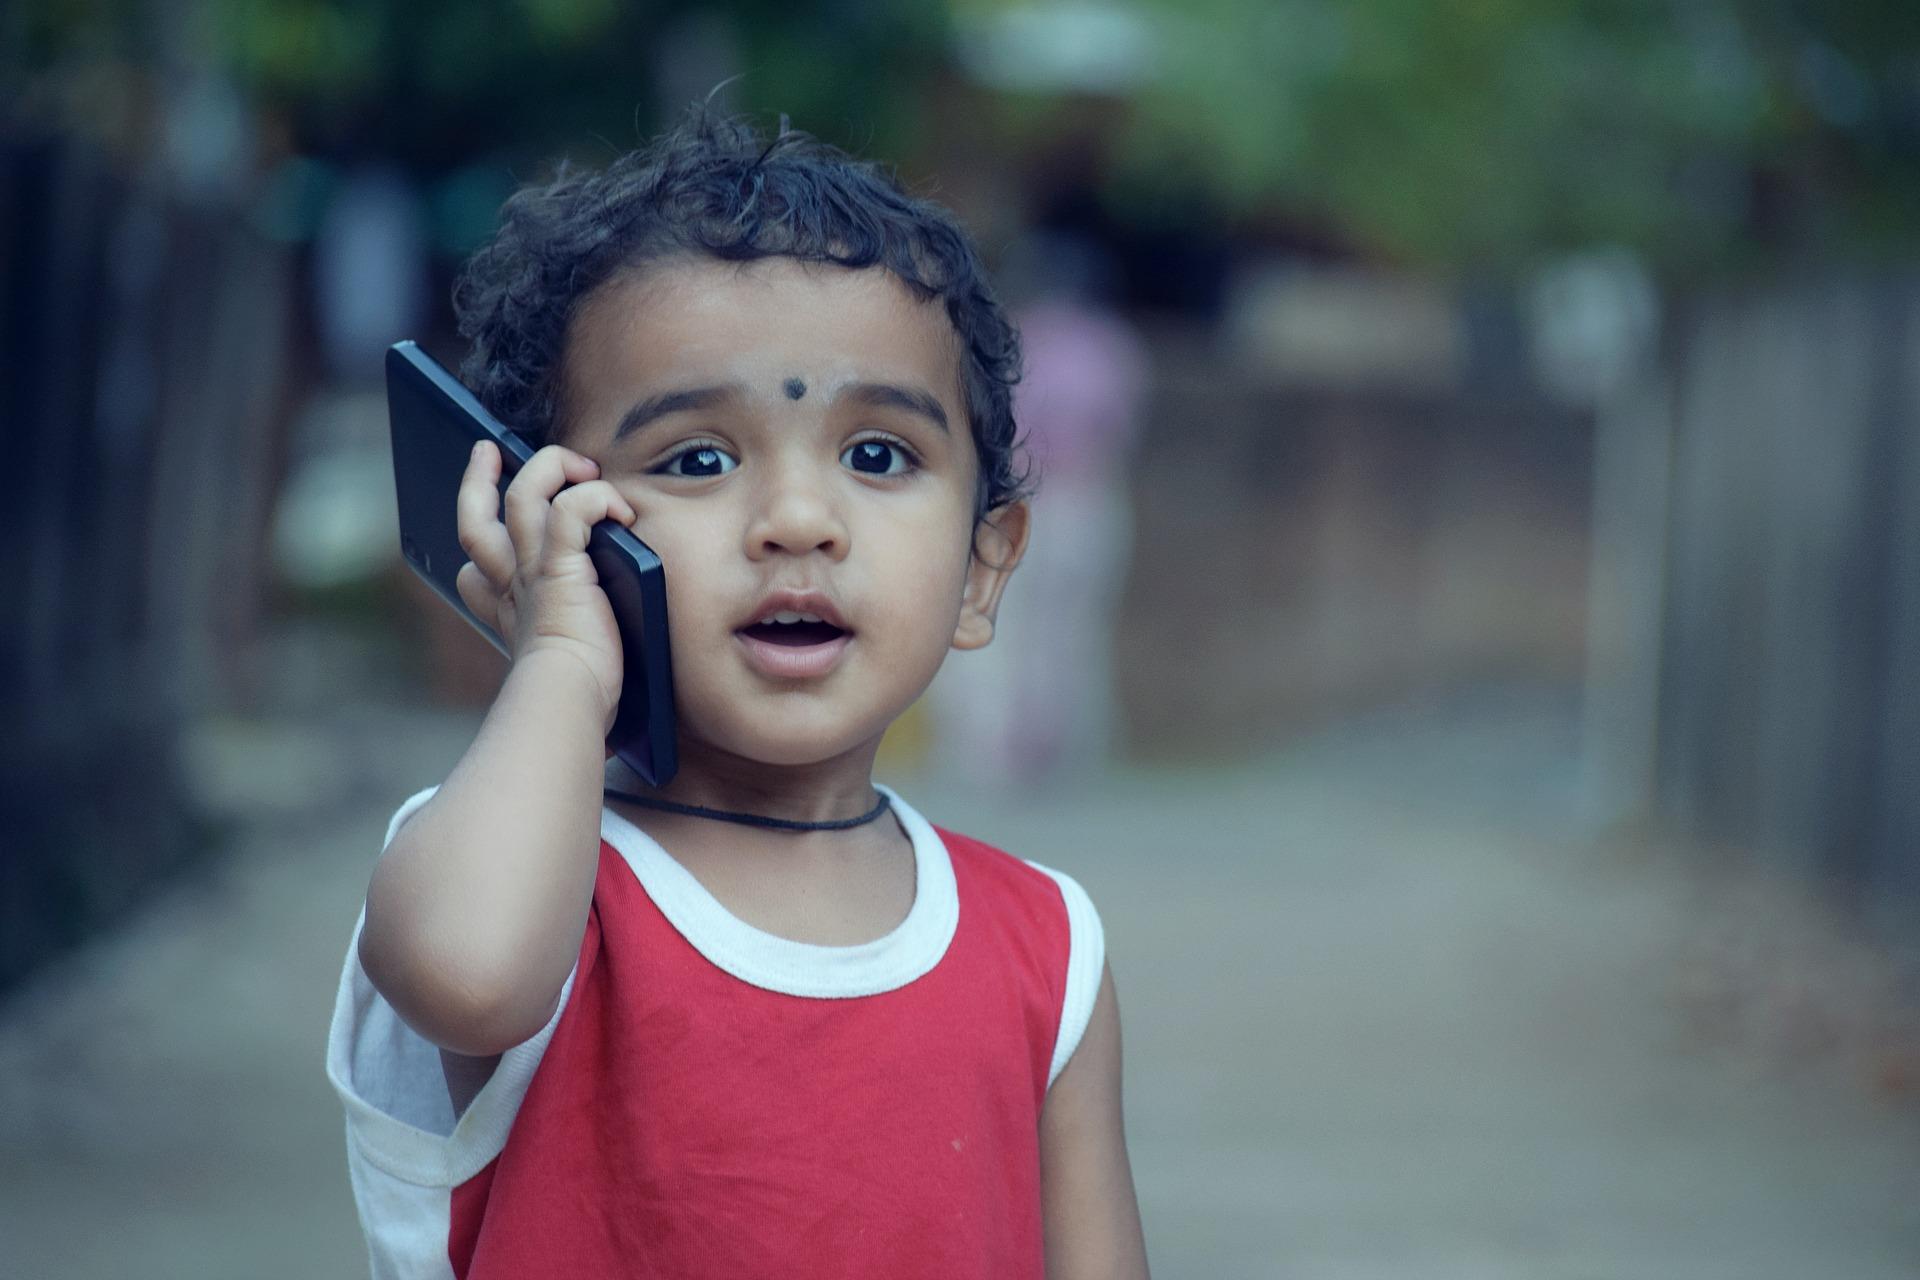 niño hablando por teléfono con una tarifa sin consumo mínimo